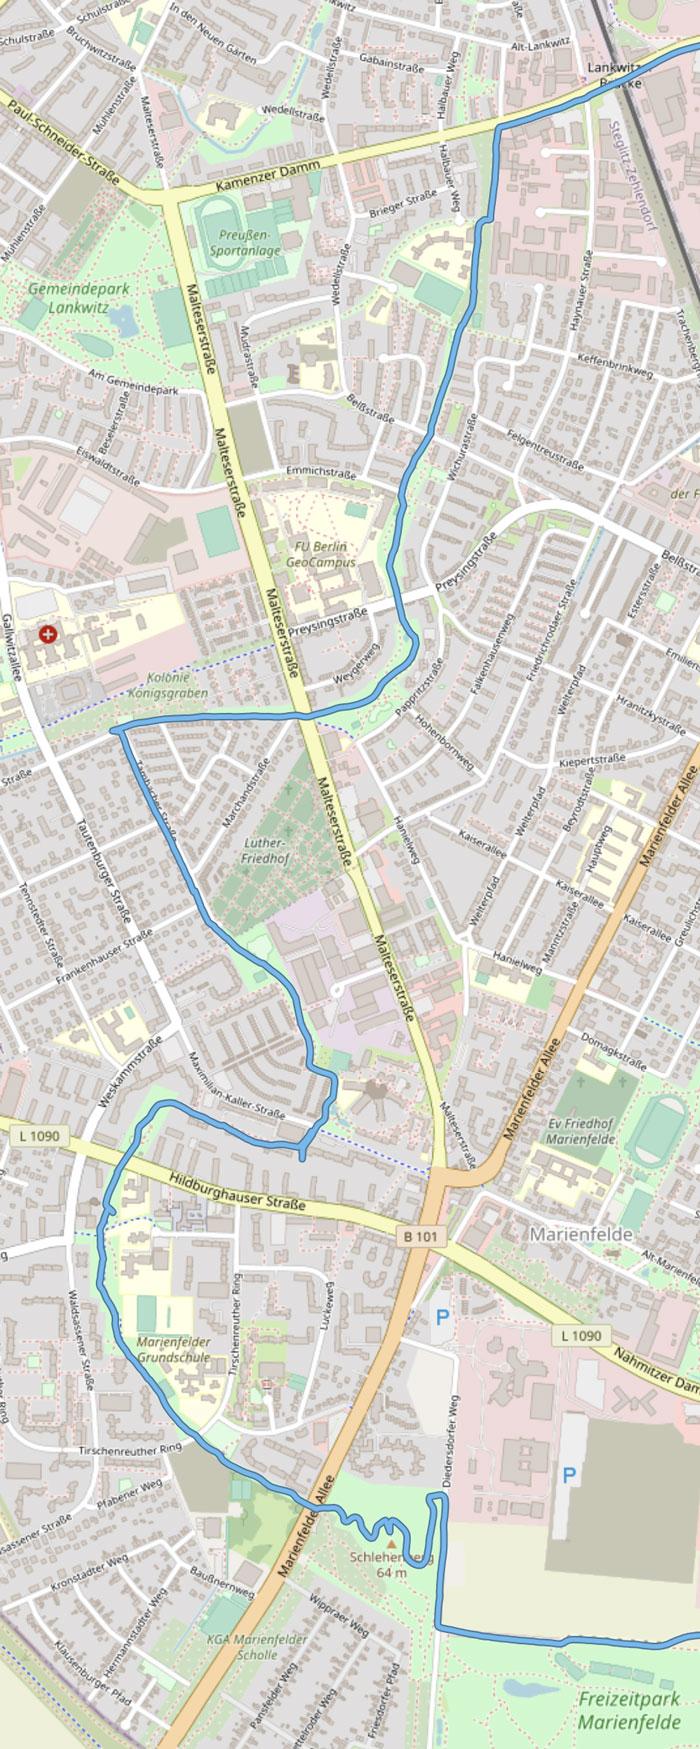 Streckenkarte (Detail) mit Verlauf des Laufs